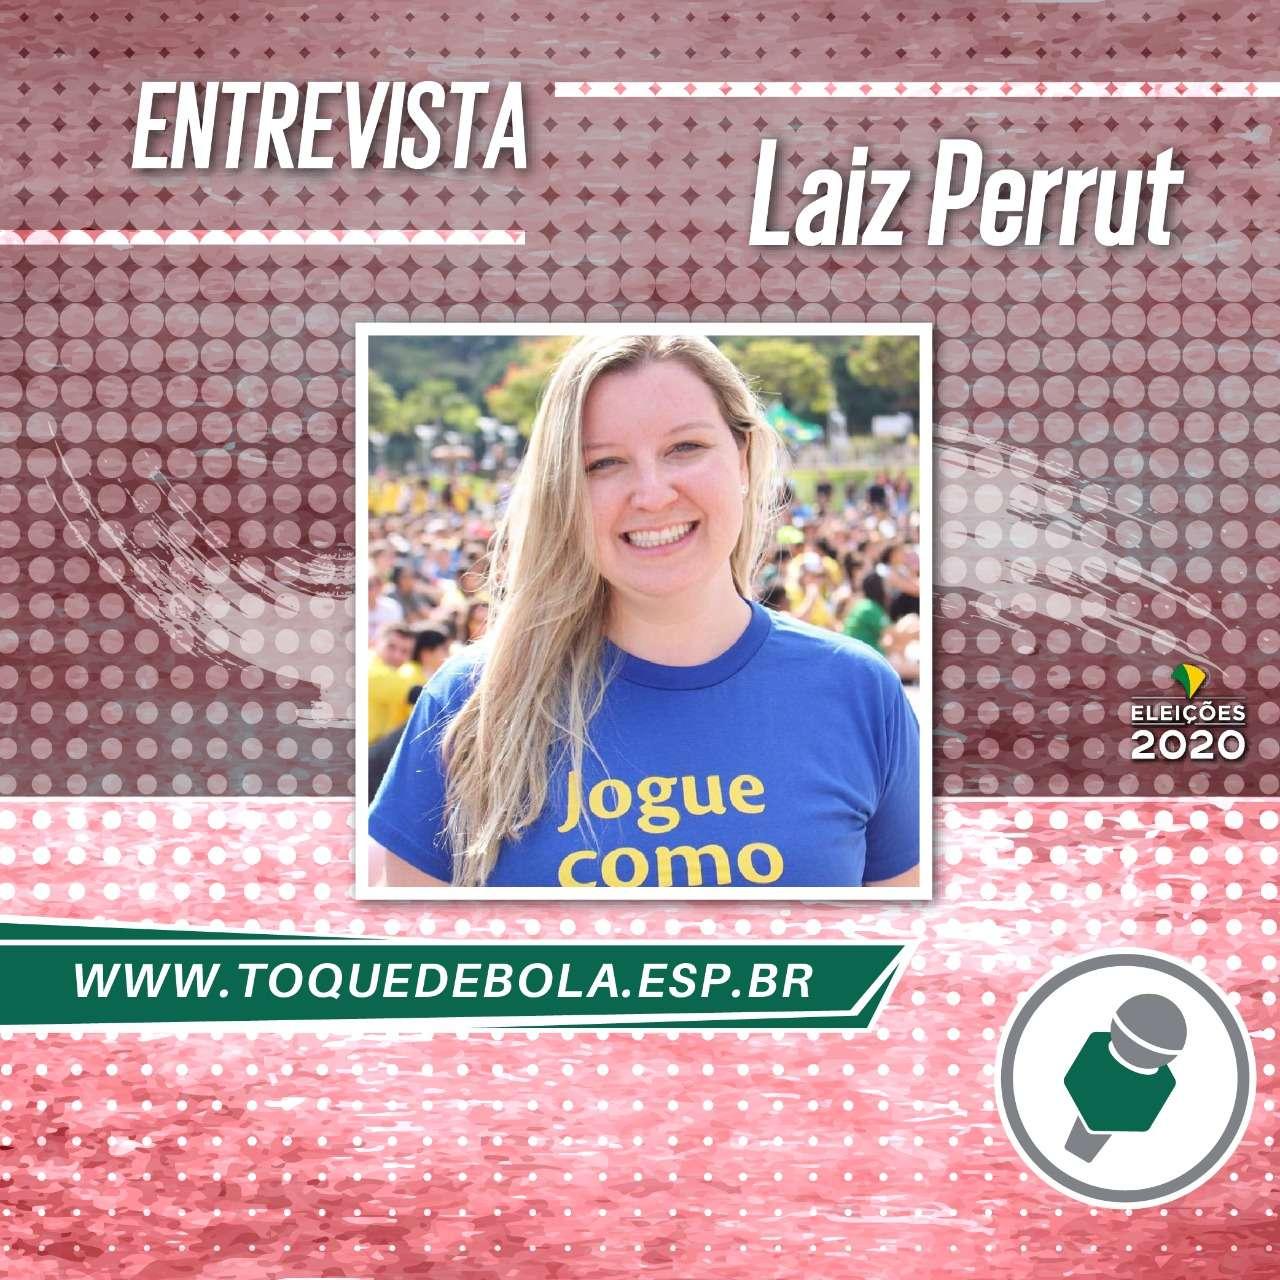 Para Laiz Perrut, esporte deve ser pensado como política pública